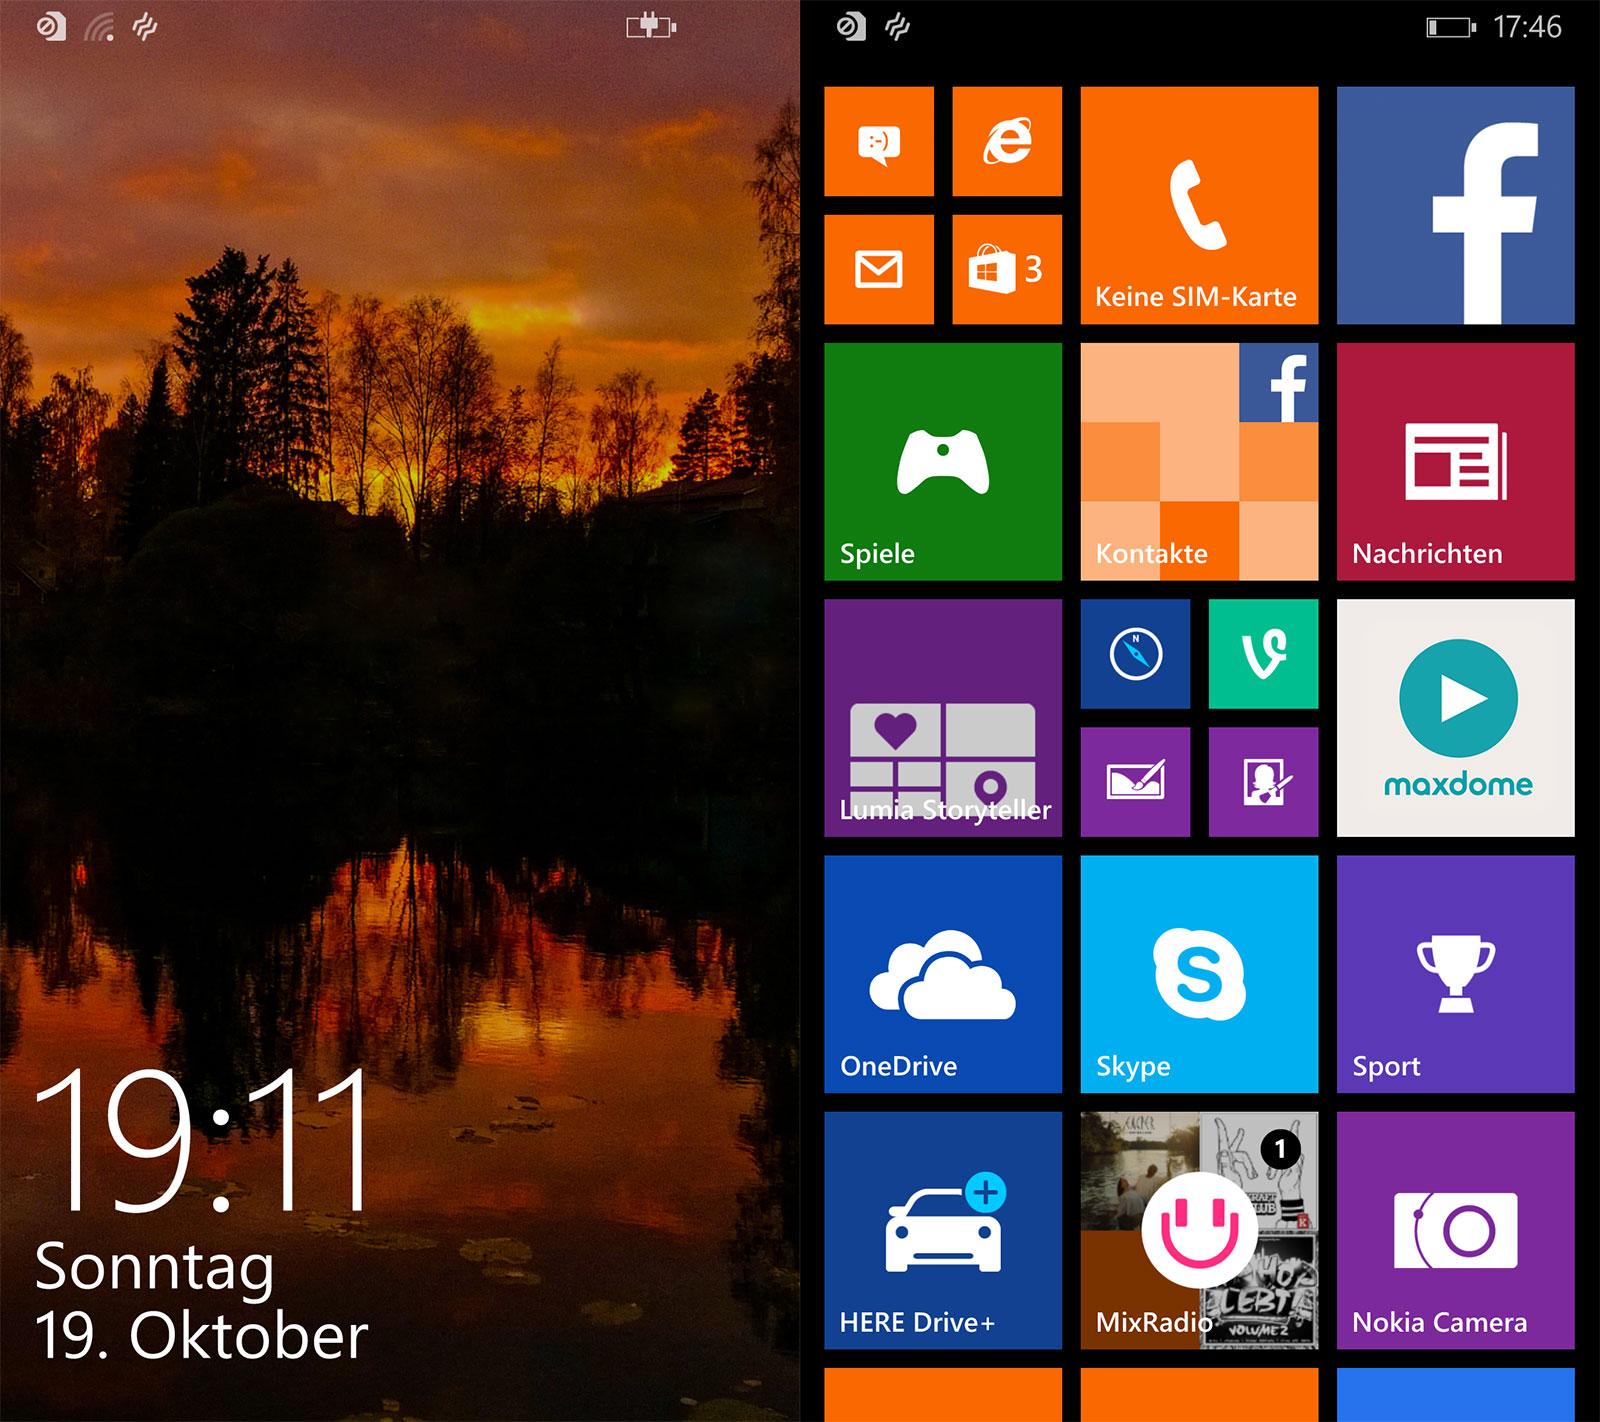 Nokia Lumia 930 Windows Phone 81 bietet inzwischen zahlreiche